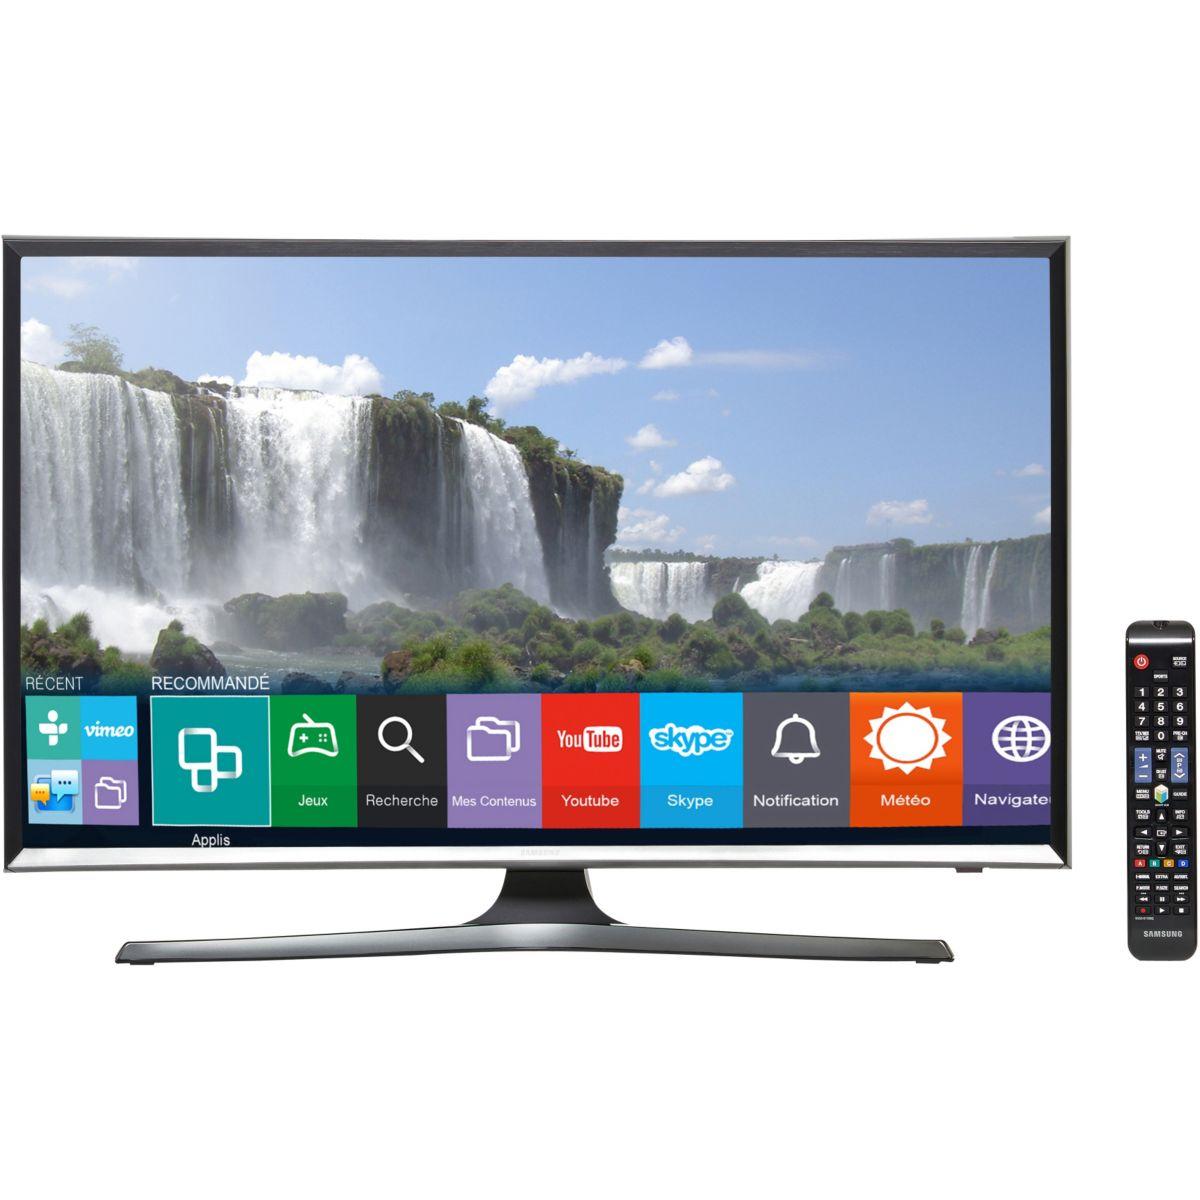 TV SAMSUNG UE32J6300 800 PQI SMART TV INCURVE